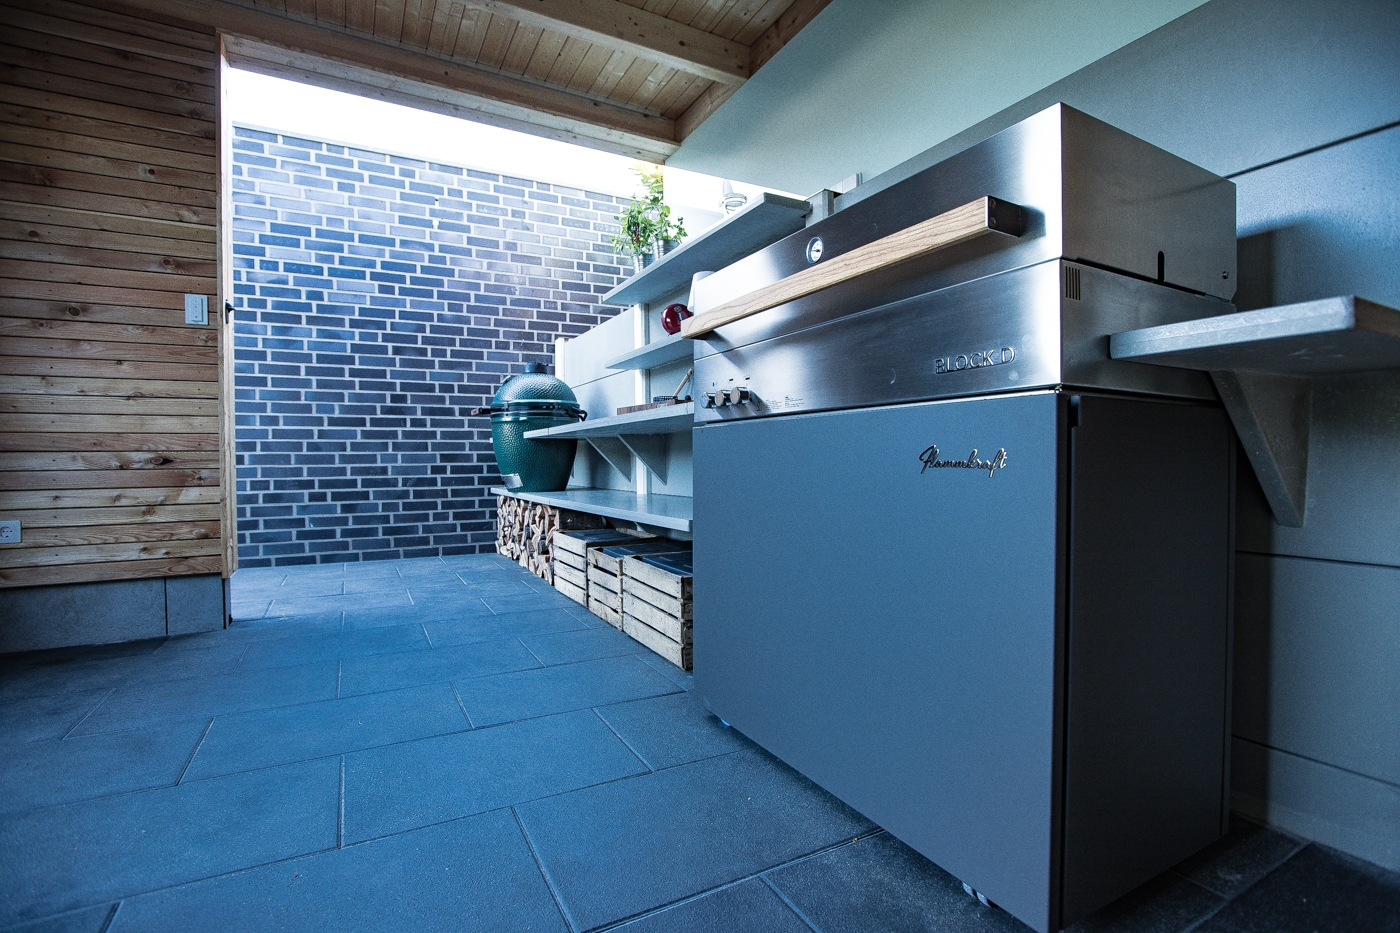 outdoor k che berdacht eckbank k che gebraucht modul ikea und mehr meppen modern mit holz. Black Bedroom Furniture Sets. Home Design Ideas